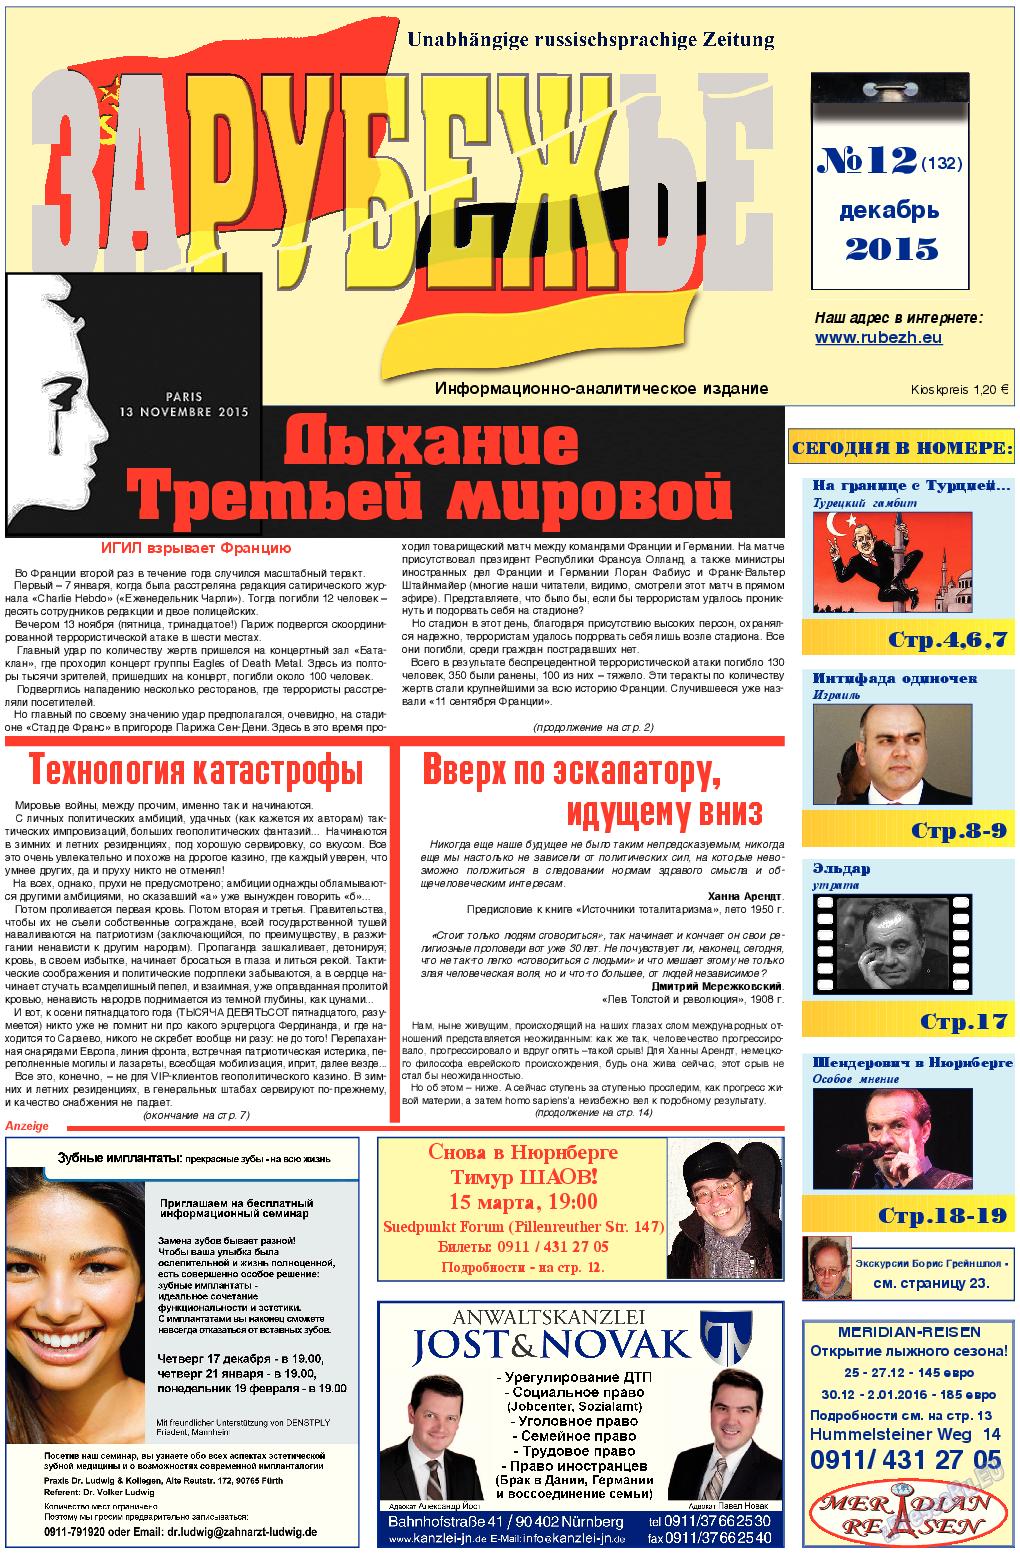 Рубеж (газета). 2015 год, номер 12, стр. 1